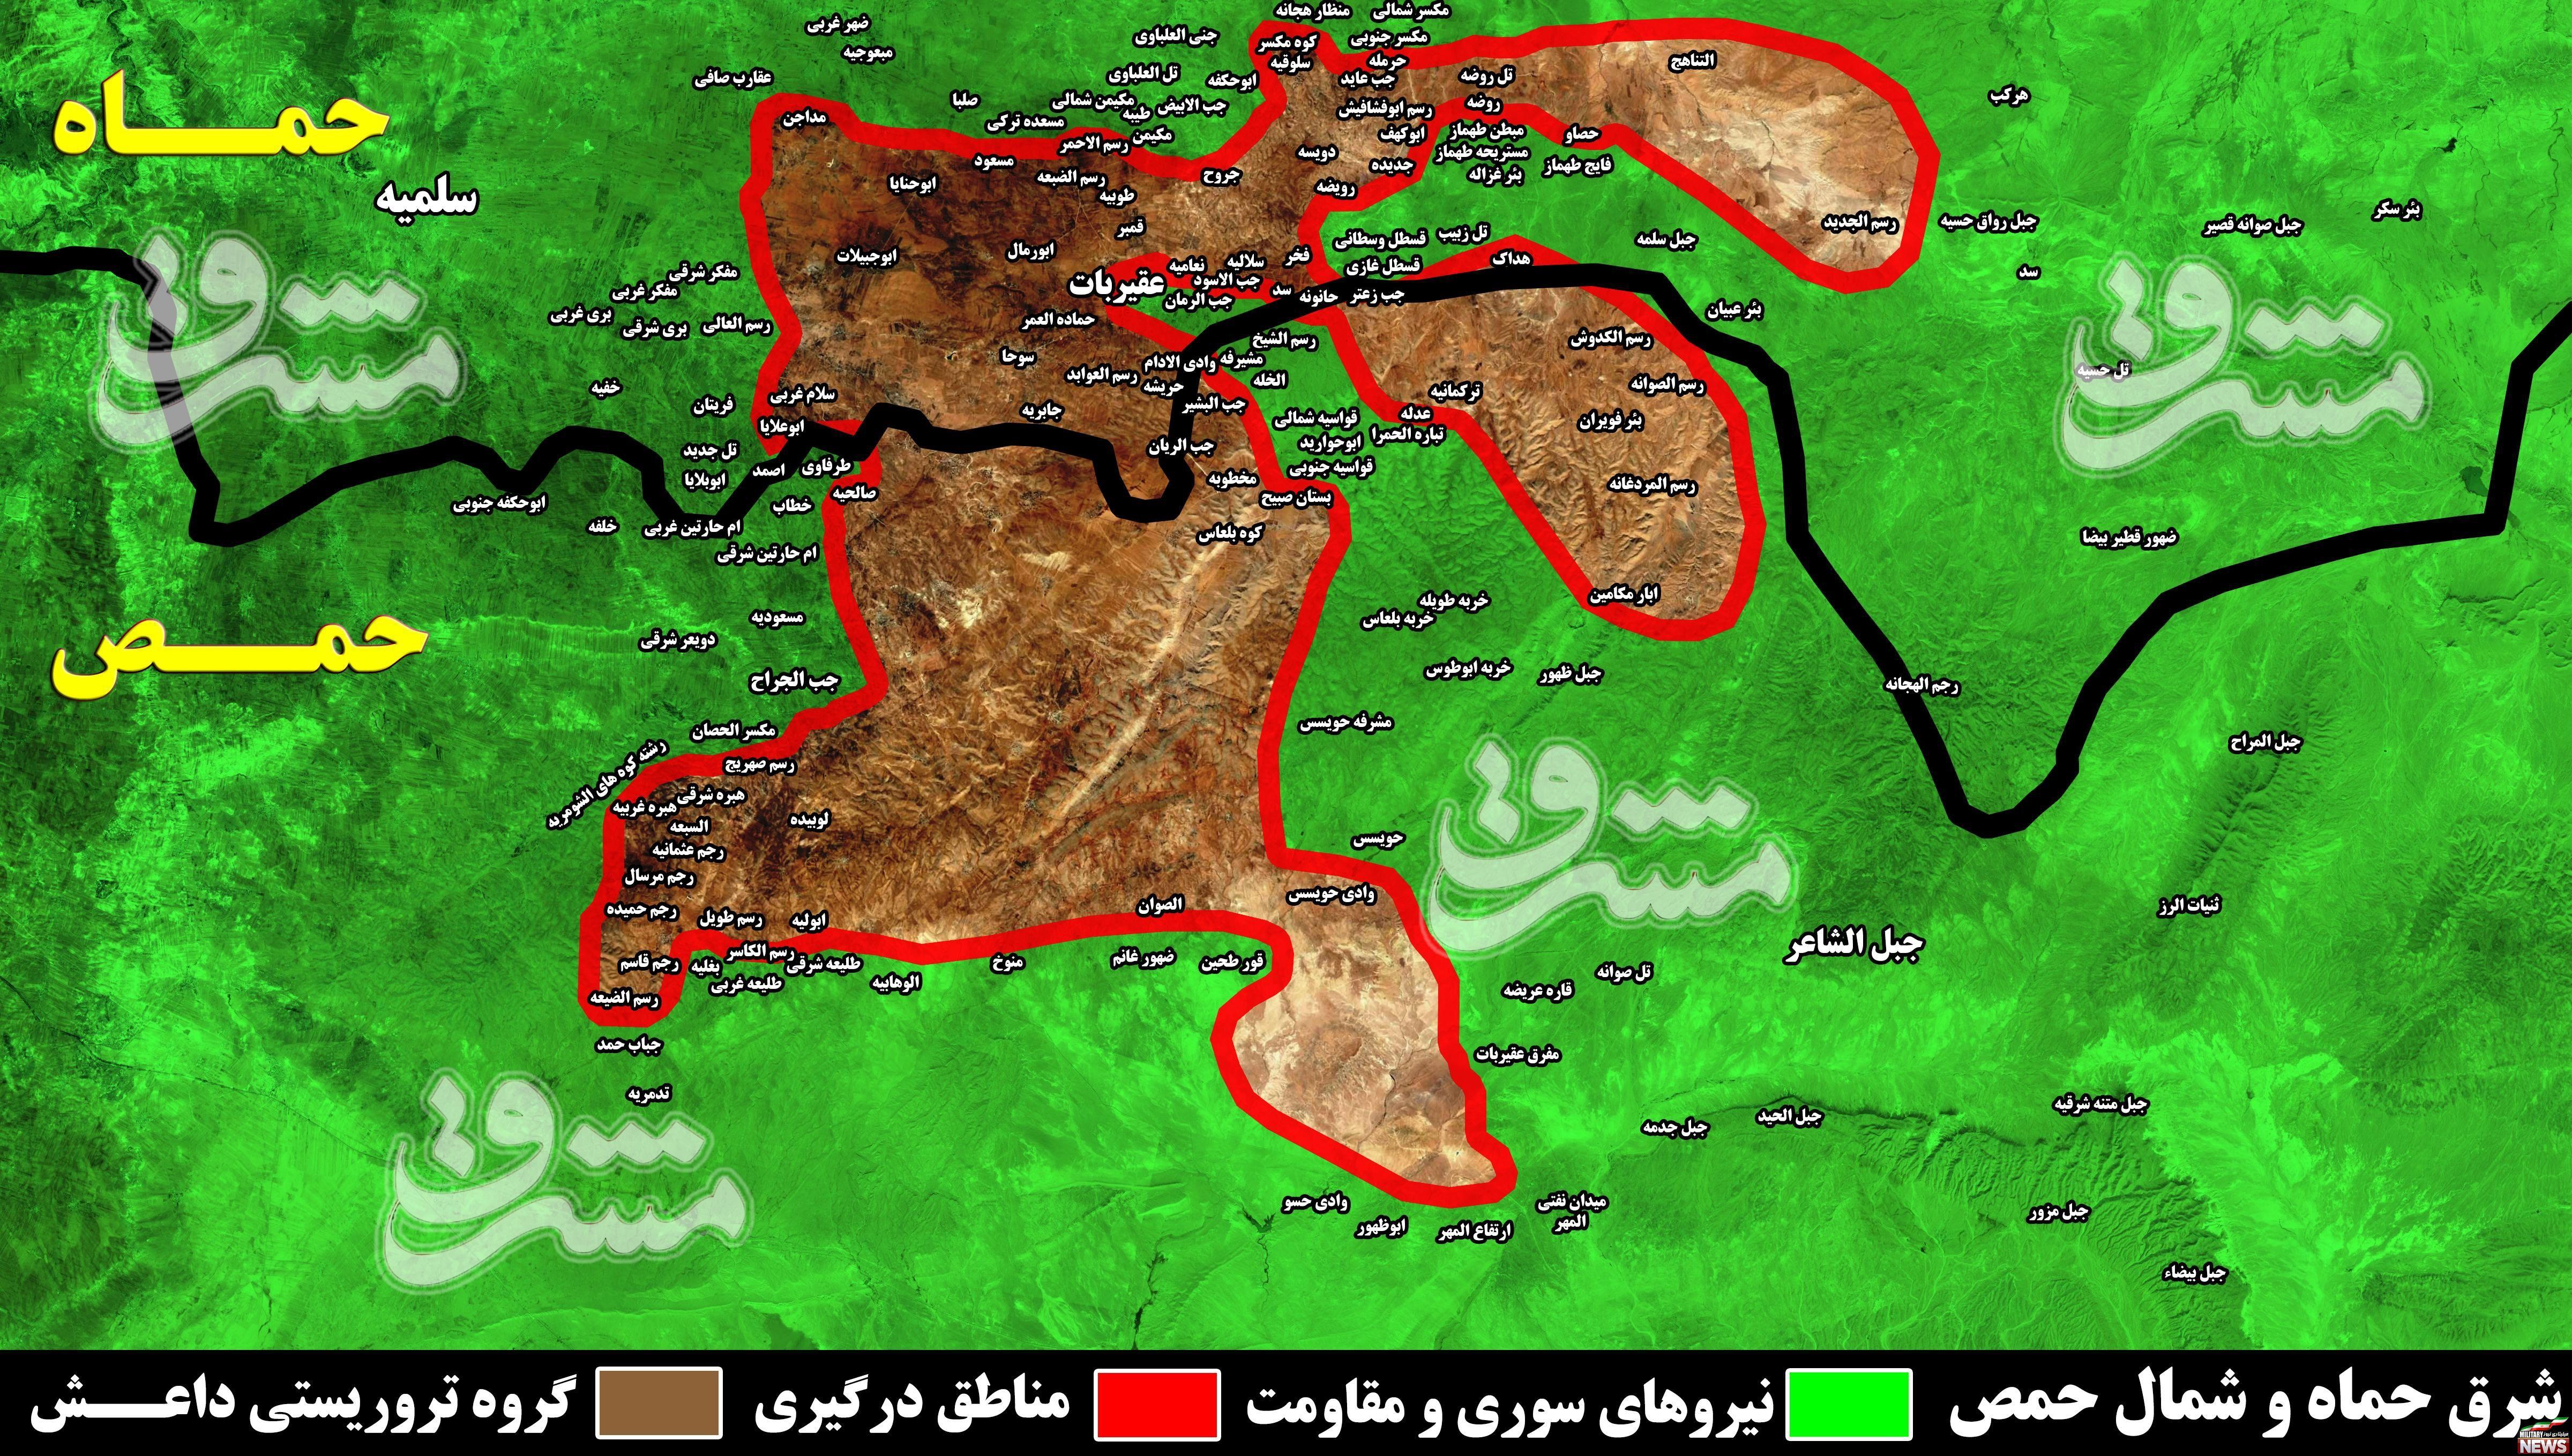 نیروهای متحد وارد مهم ترین پایگاه تروریست های داعش در شرق حماه شدند/ شمارش معکوس برای آزادی عقیربات به صدا درآمد +نقشه میدانی